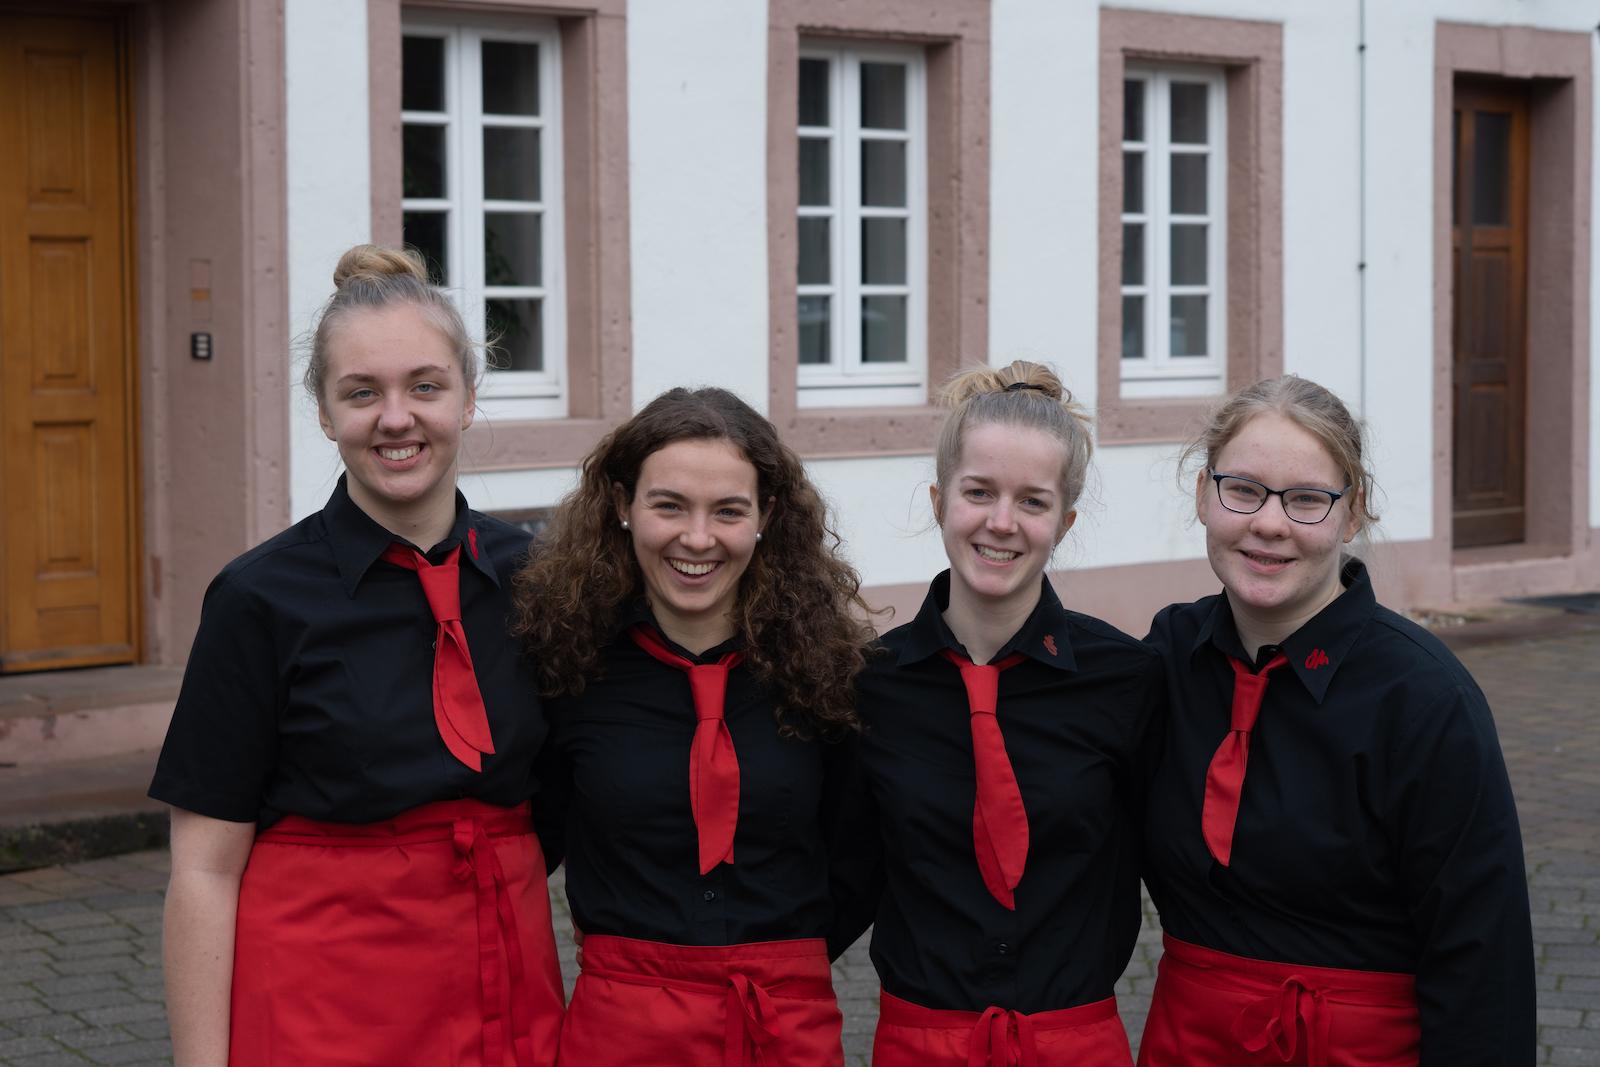 Freiwillige in Arbeitskleidung für eine Fest vor der OM-Deetken-Mühle